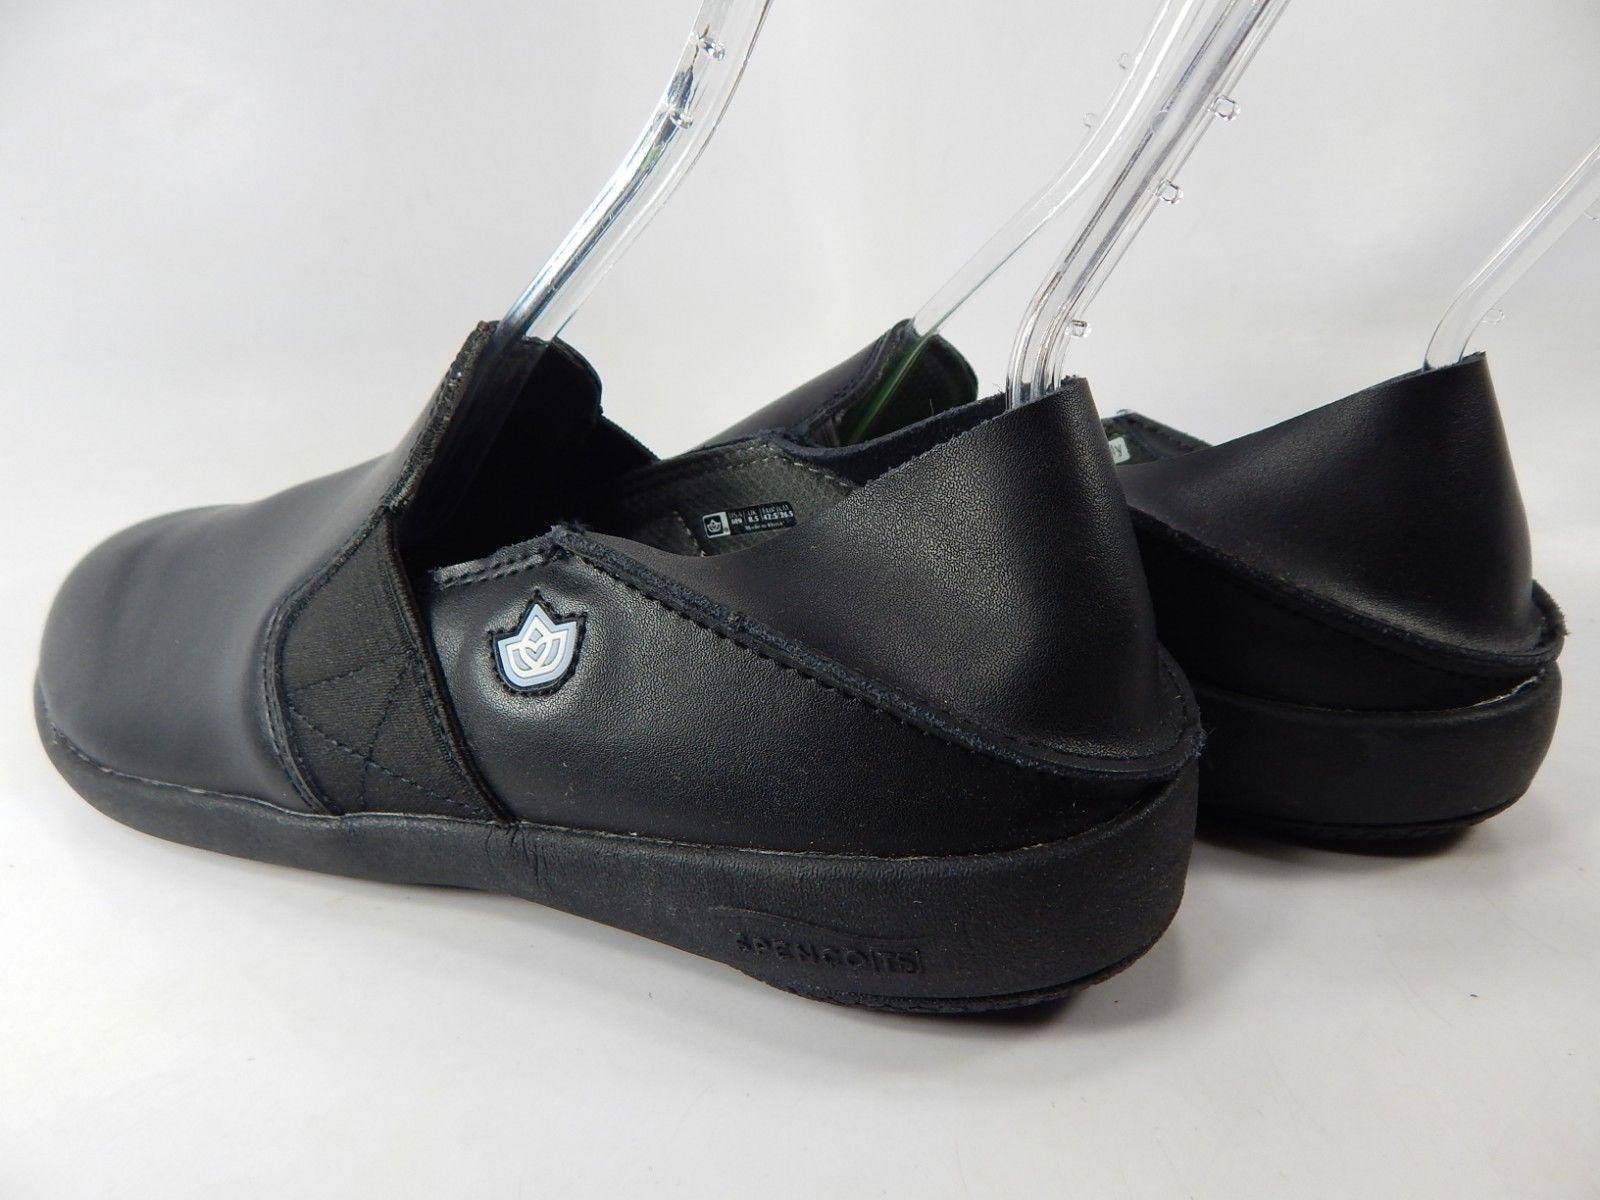 Spenco Quincy MD Conv Sz 9 M (D) EU 42.5 Men's Professional Slip On Shoes Black